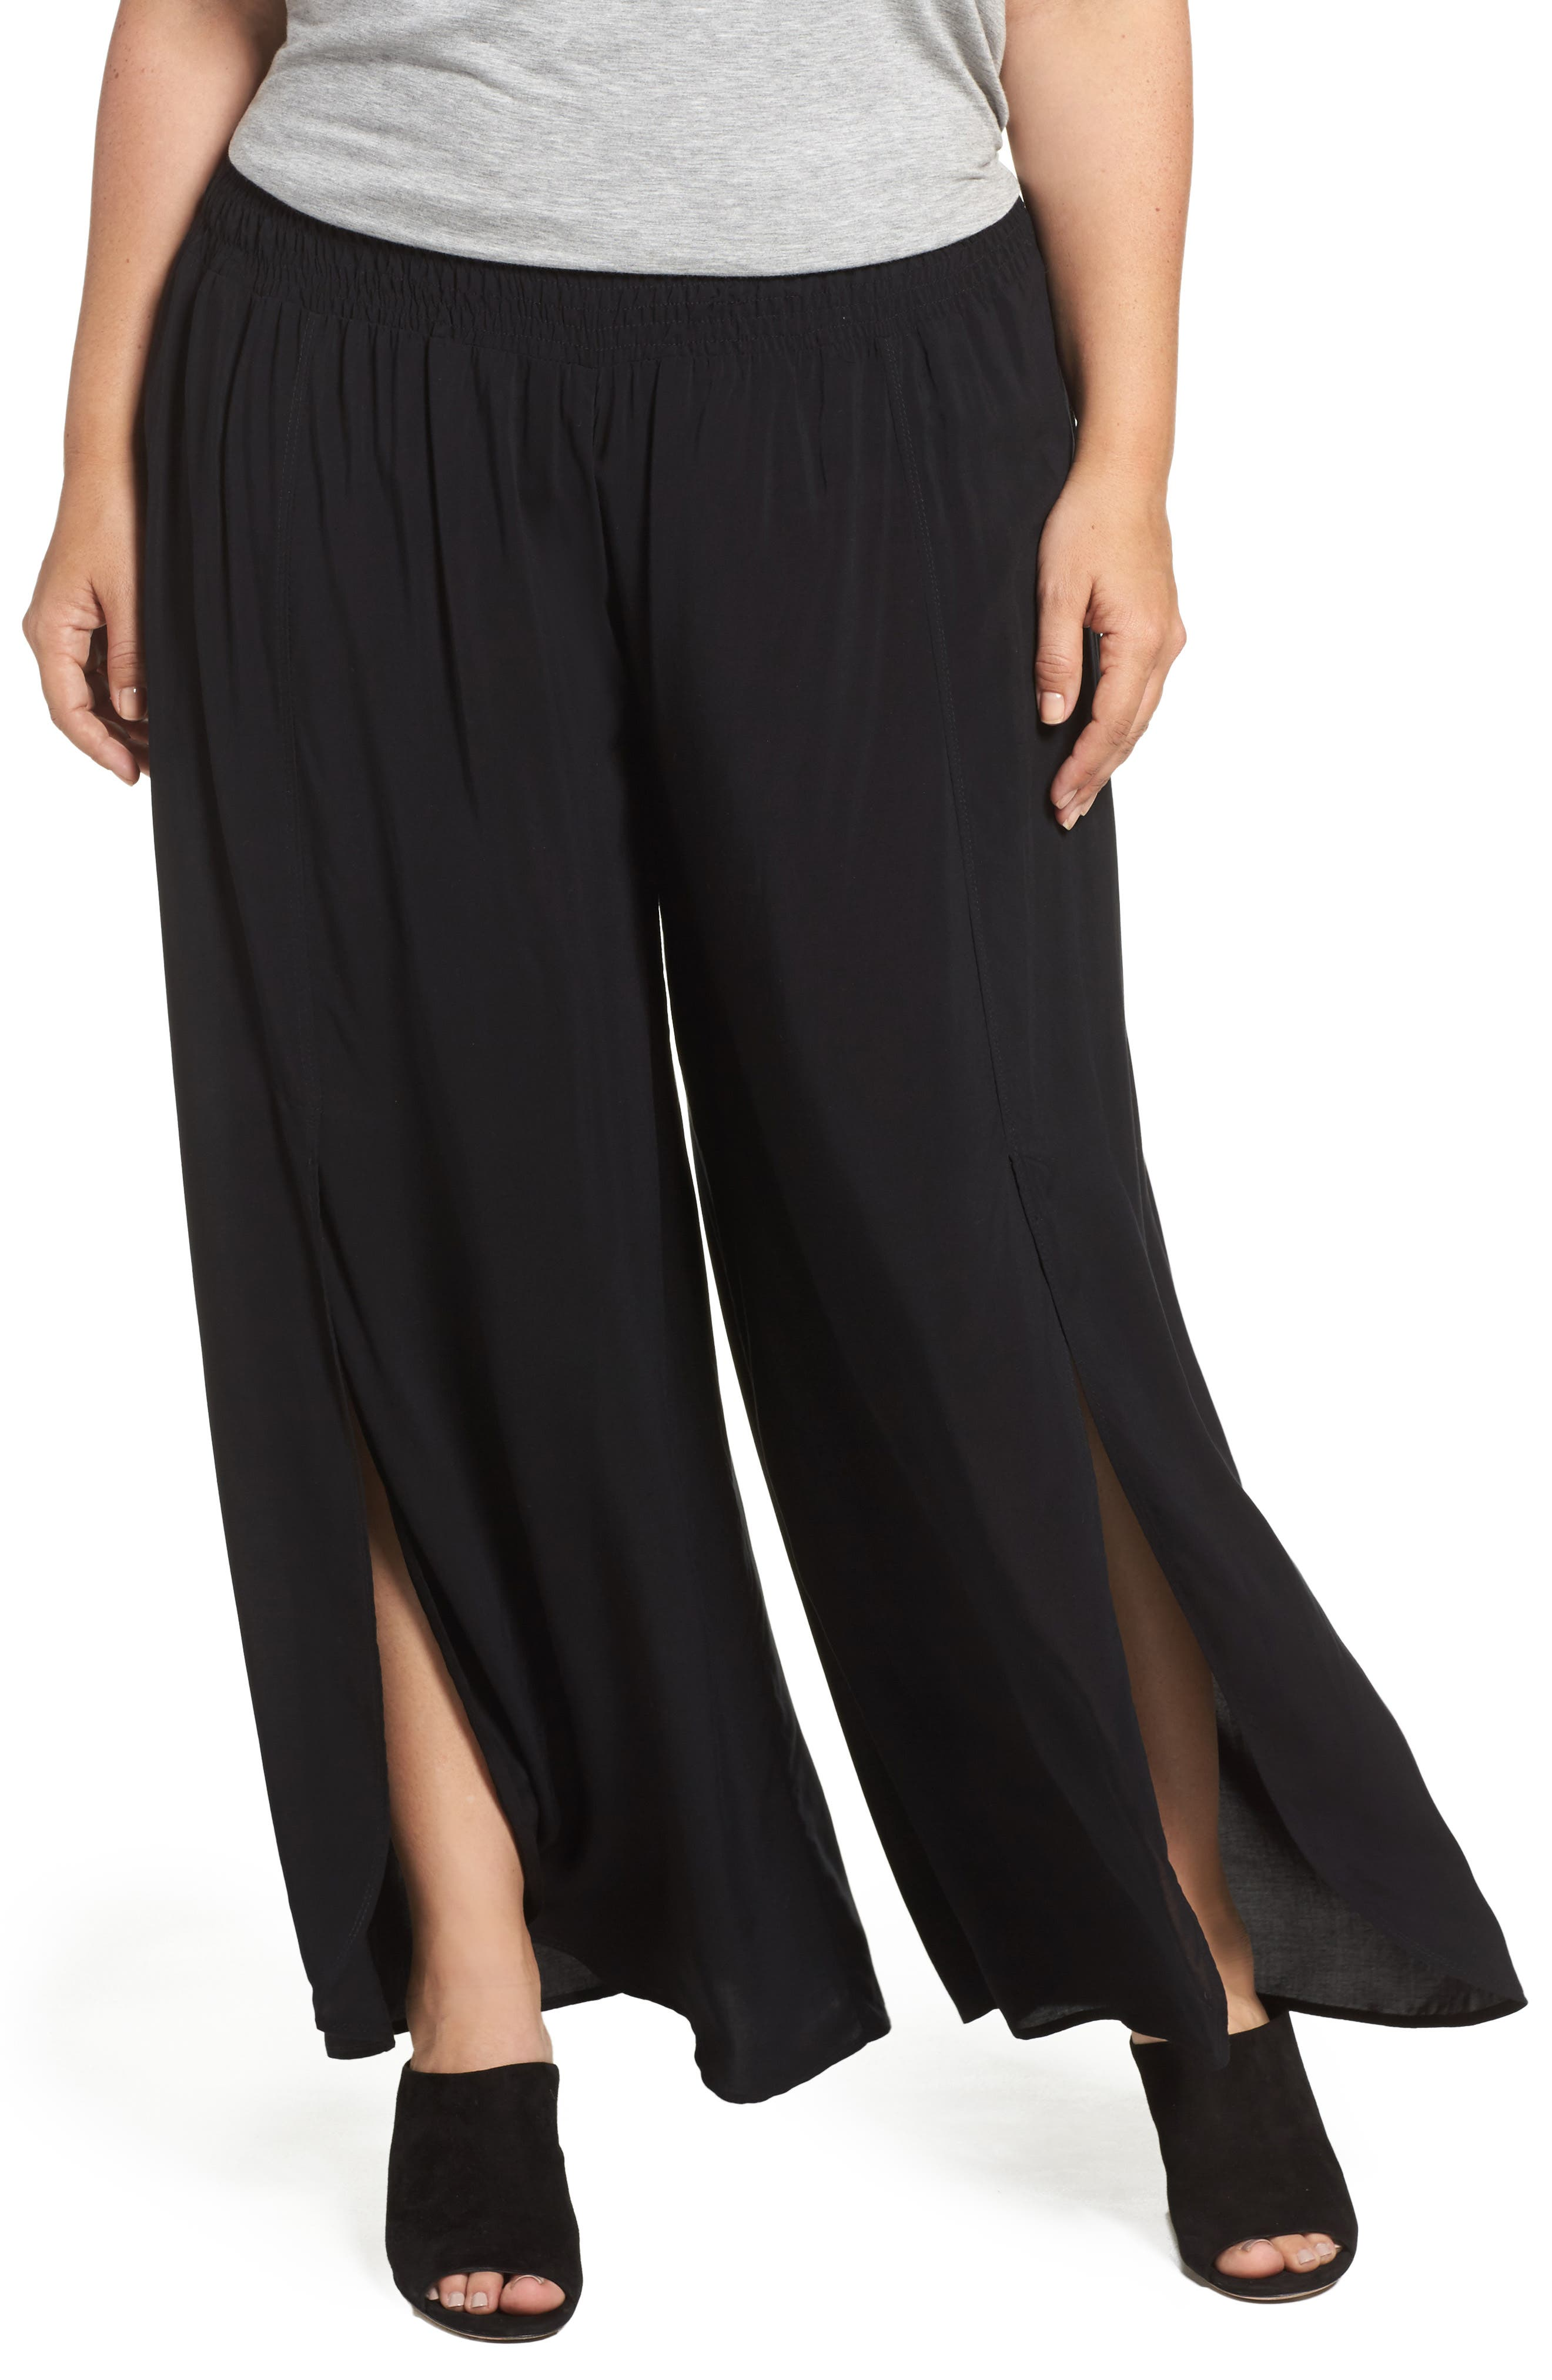 Maxie Plus Size Pants